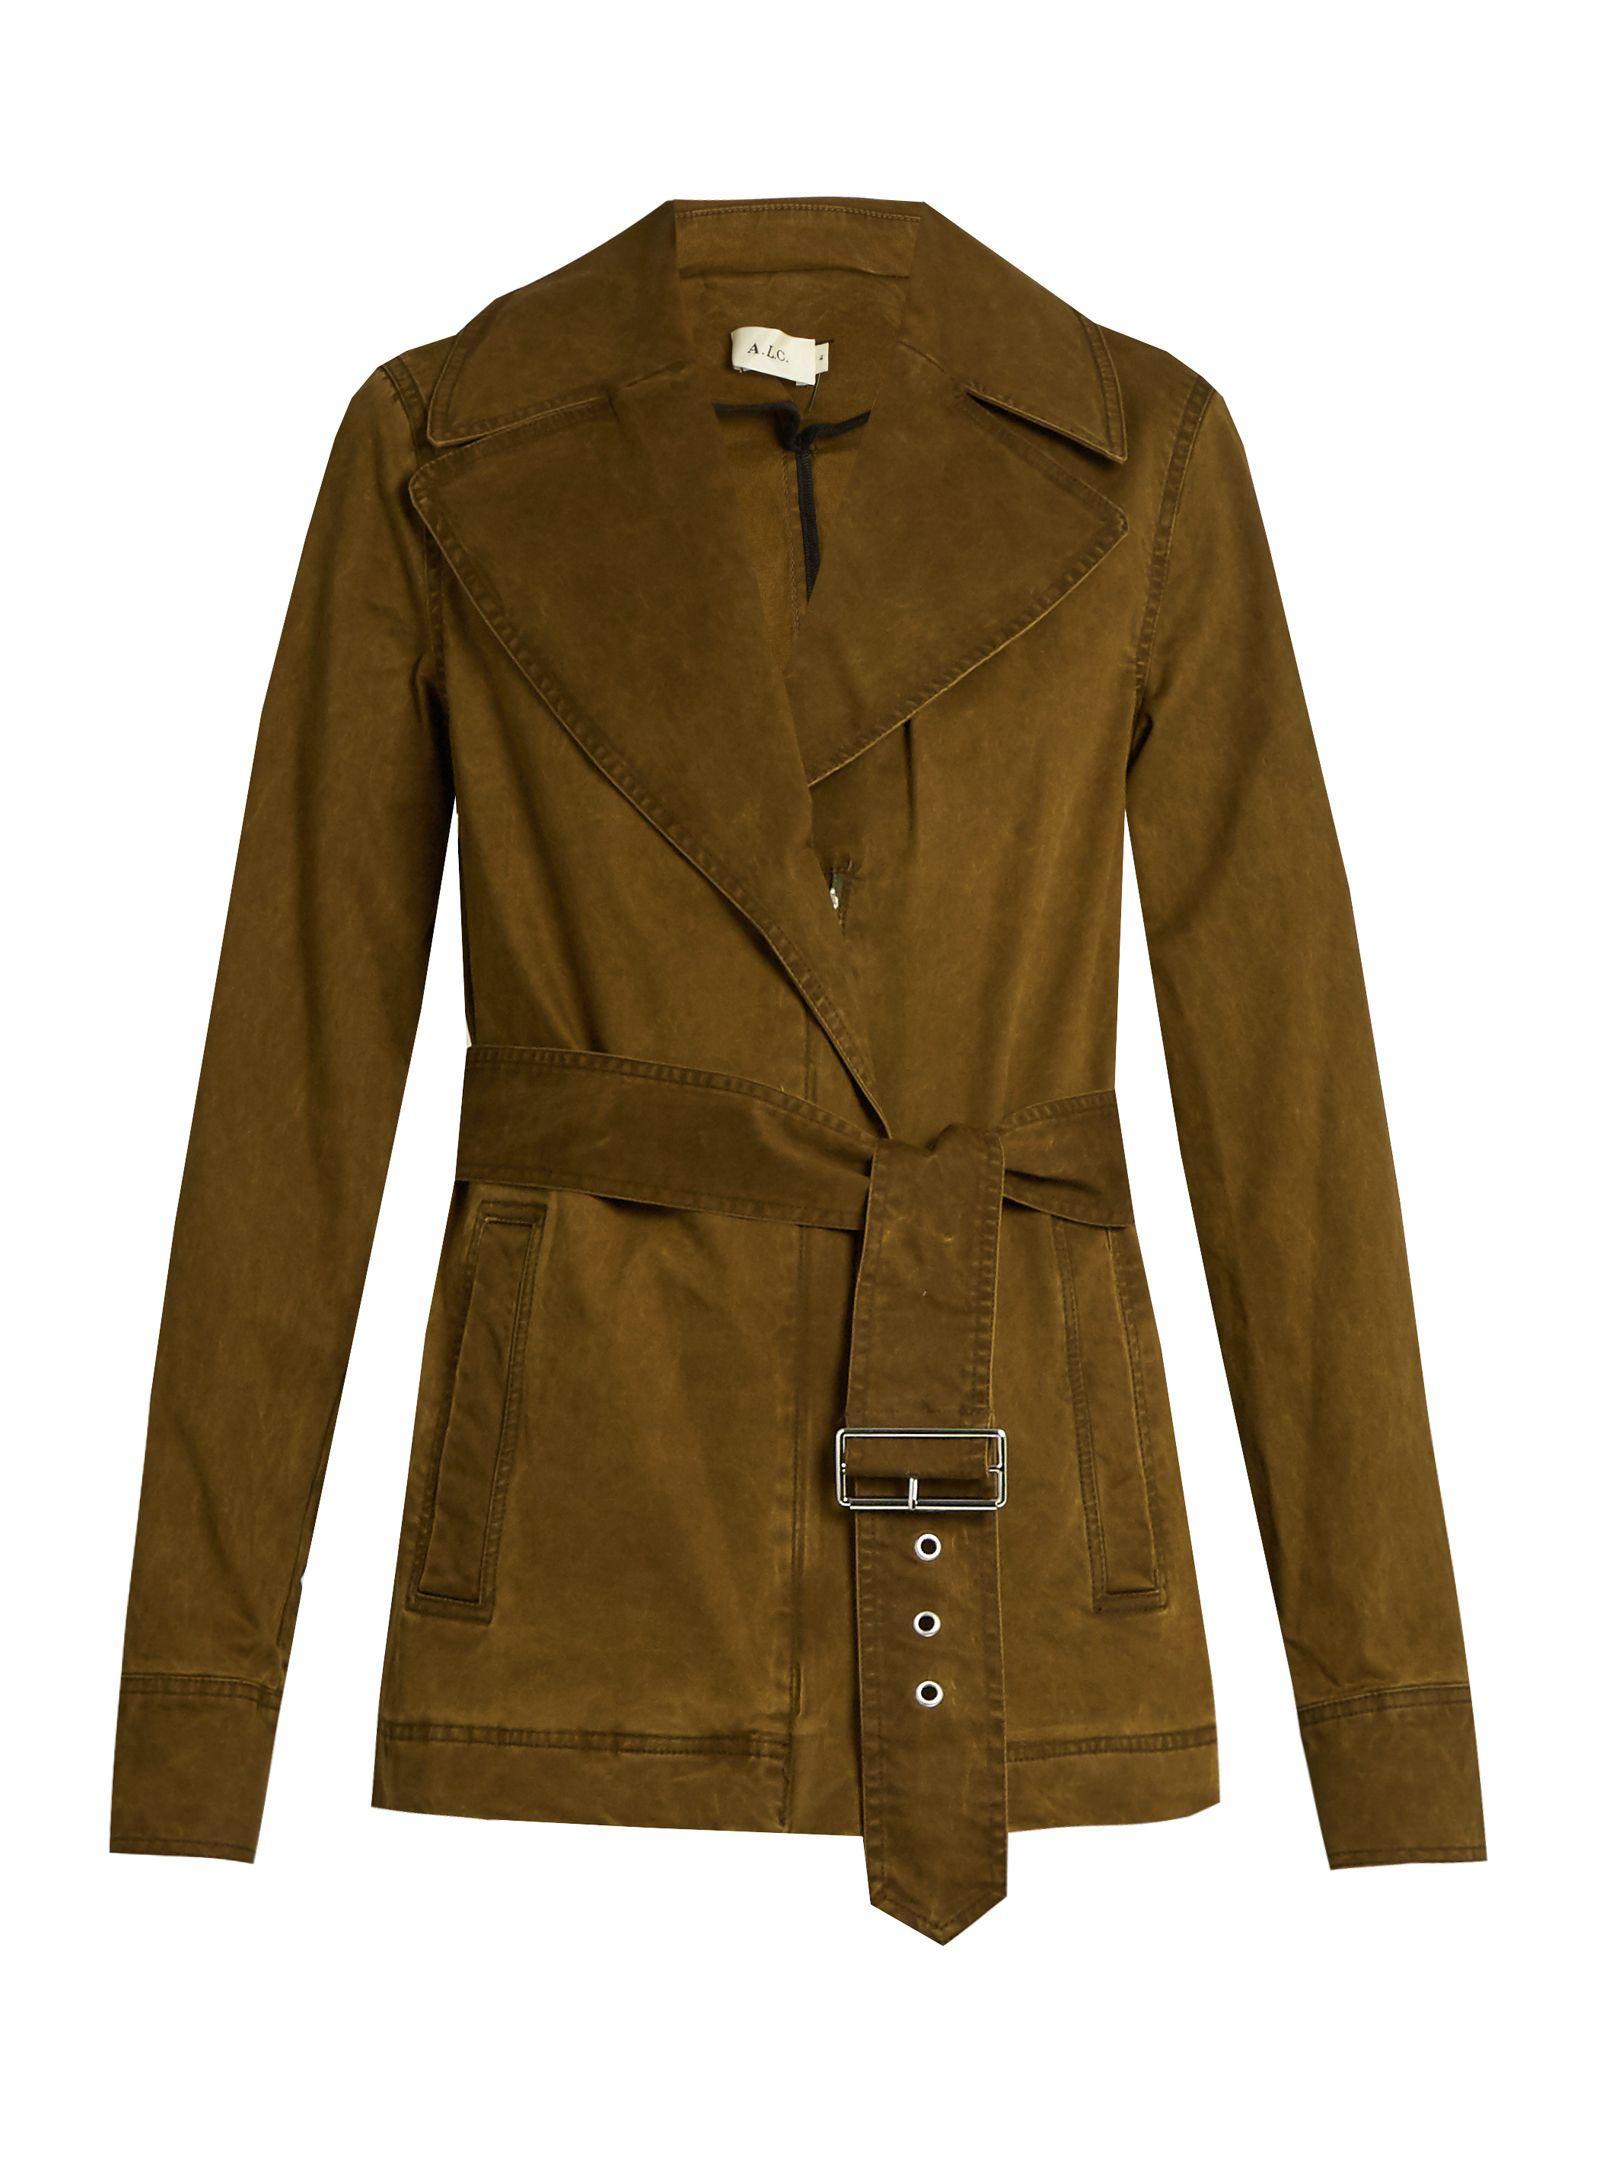 Tan gabardine coat